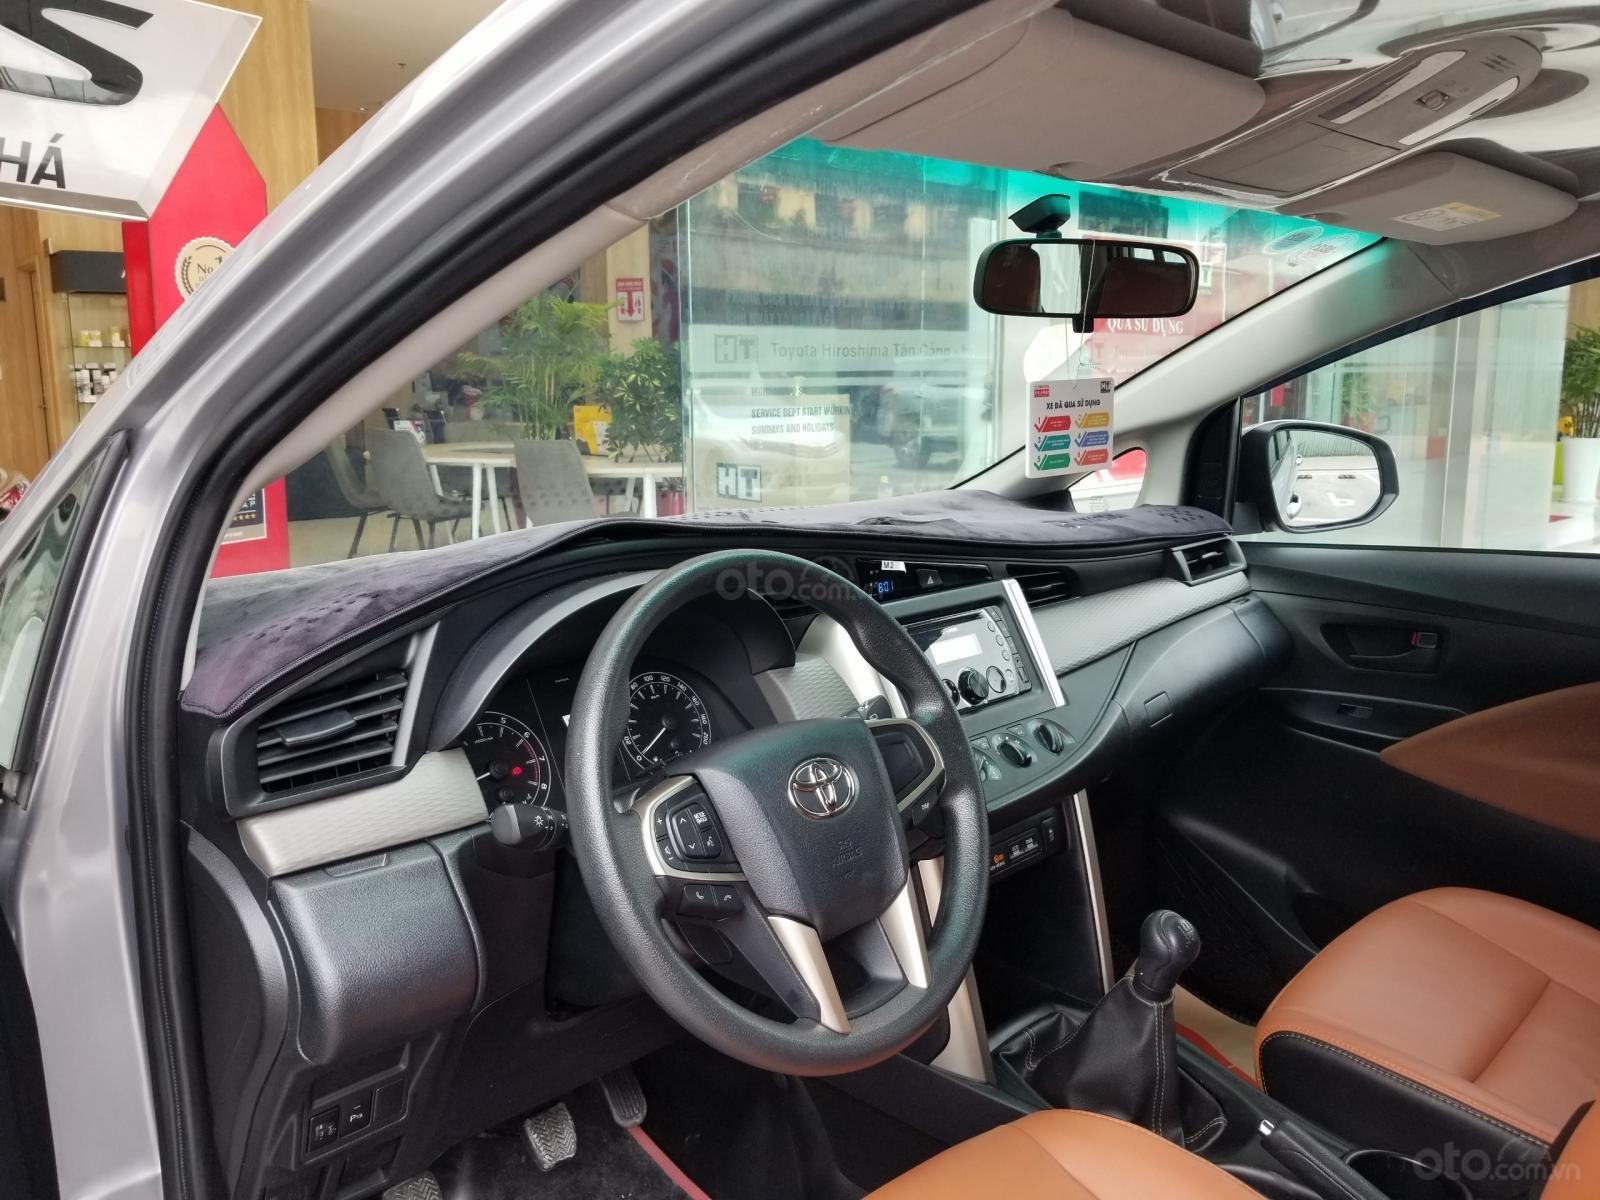 Cần bán xe Toyota Innova 2.0E 2019, màu bạc, xe gia đình HCM đi 45.000km - Xe chất giá tốt (6)